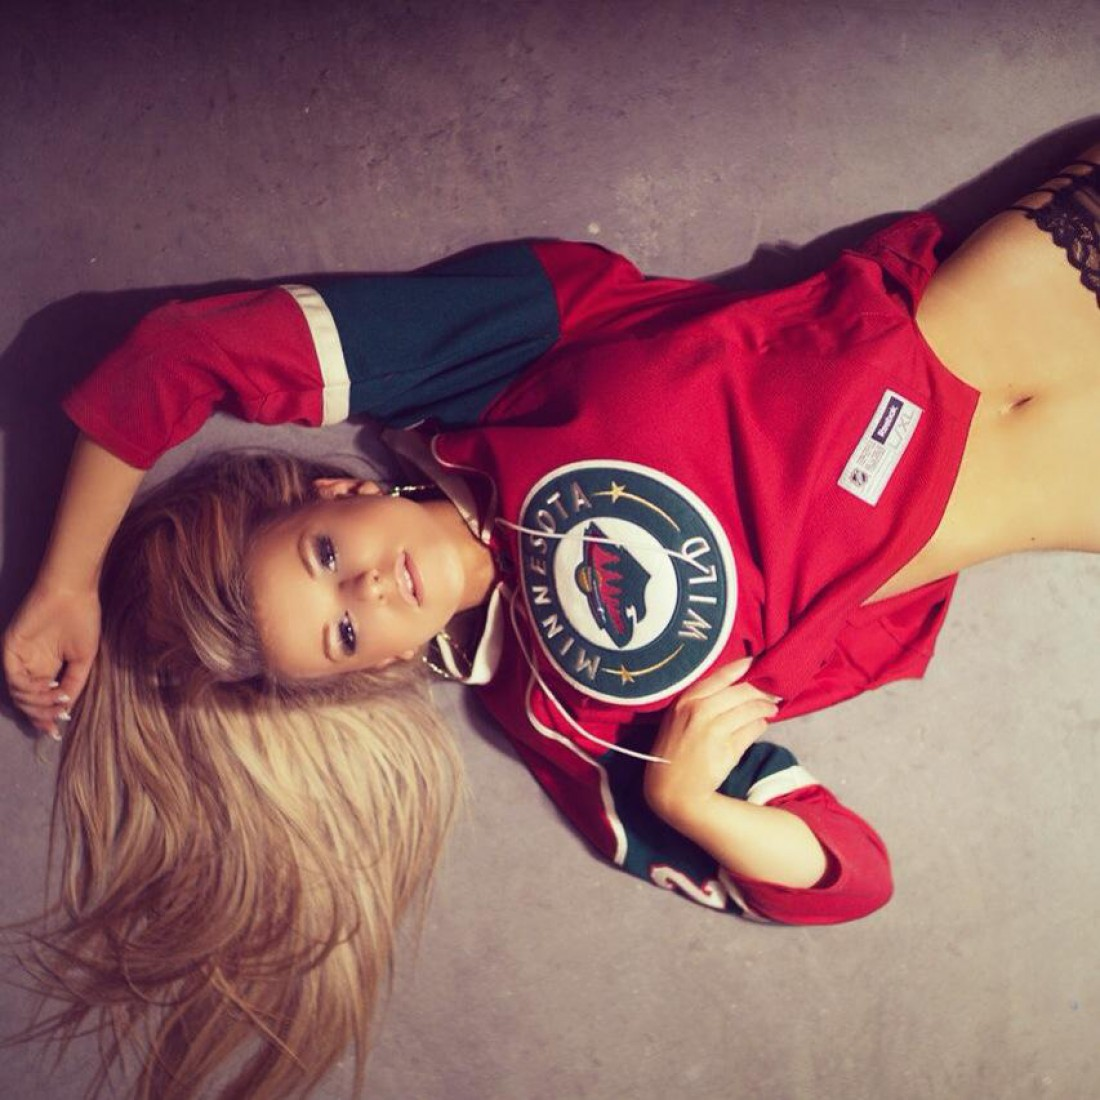 Американская модель Алиса Нельсон